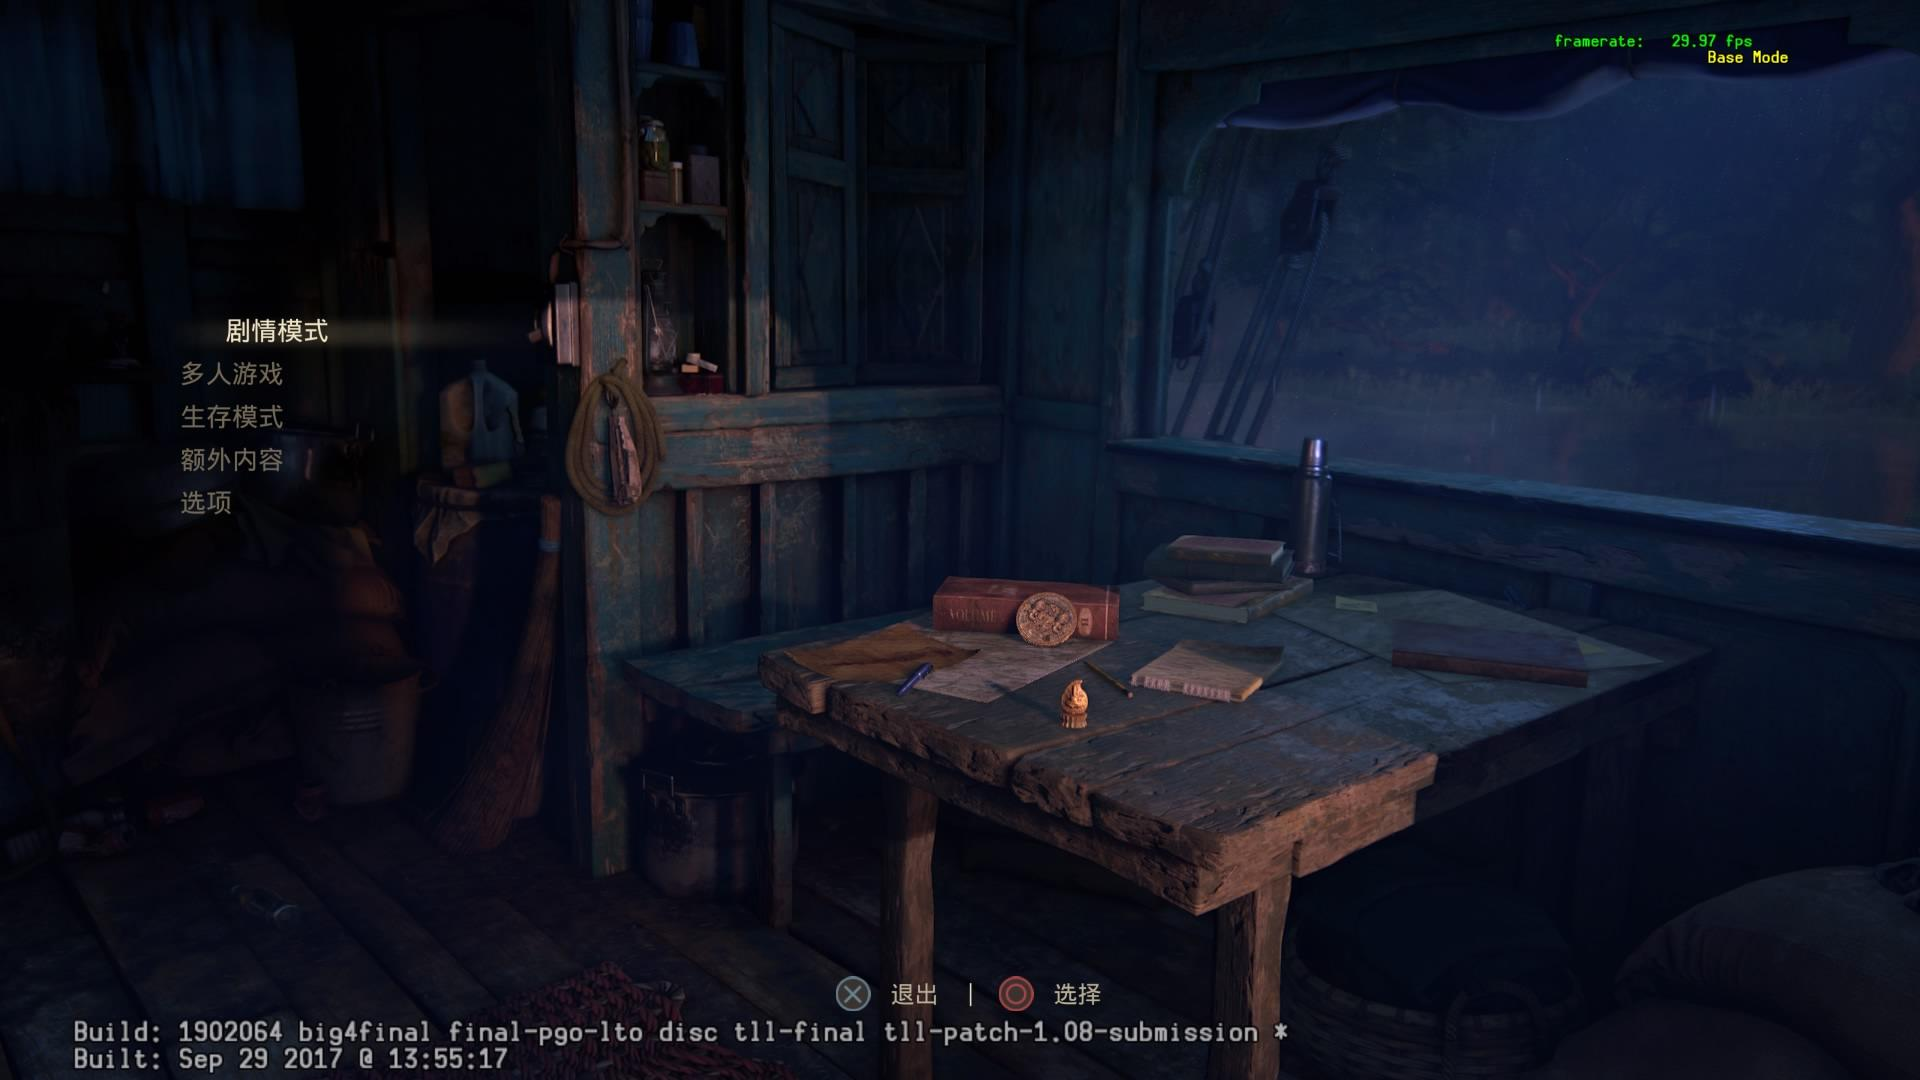 神秘海域 失落的遗产 Uncharted The Lost Legacy 中文版 金手指 Fullcodes(树的原理) PS4CHT v20200503